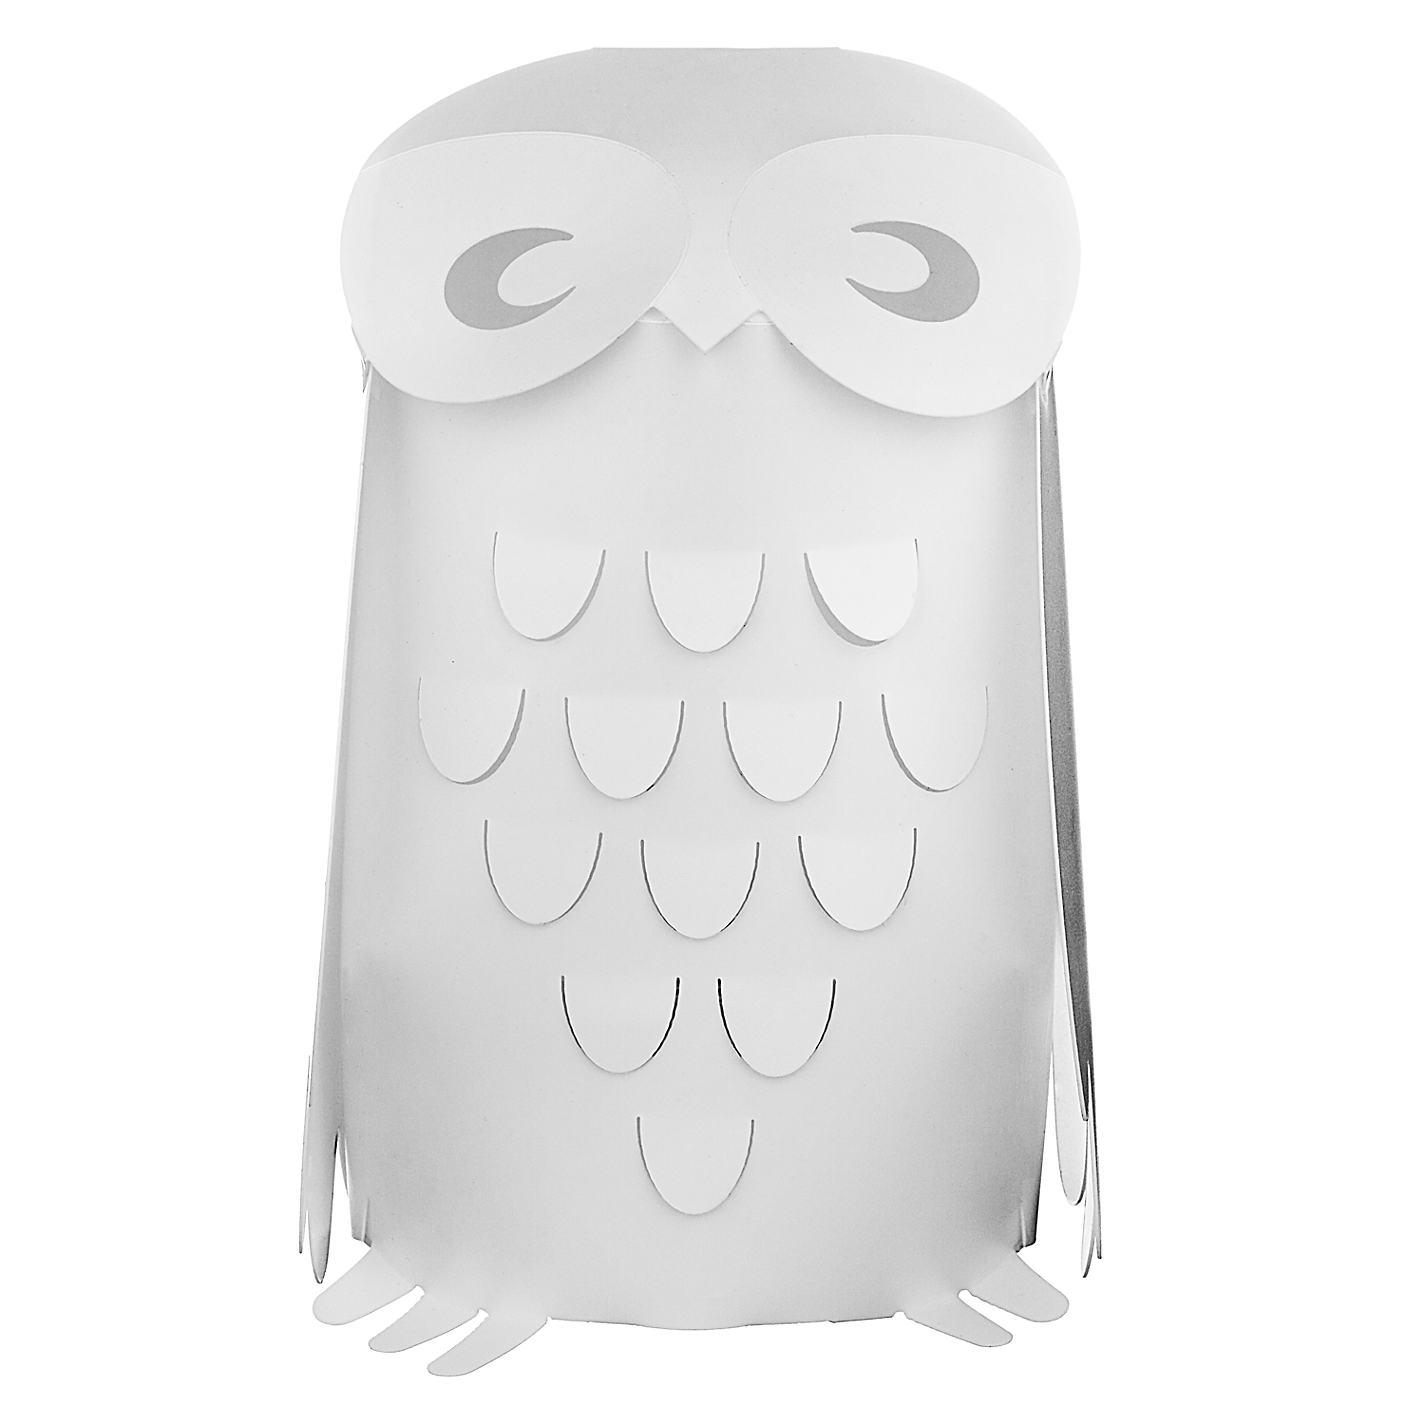 Buy little home at john lewis animal fun owl childrens table lamp buy little home at john lewis animal fun owl childrens table lamp online at johnlewis aloadofball Gallery